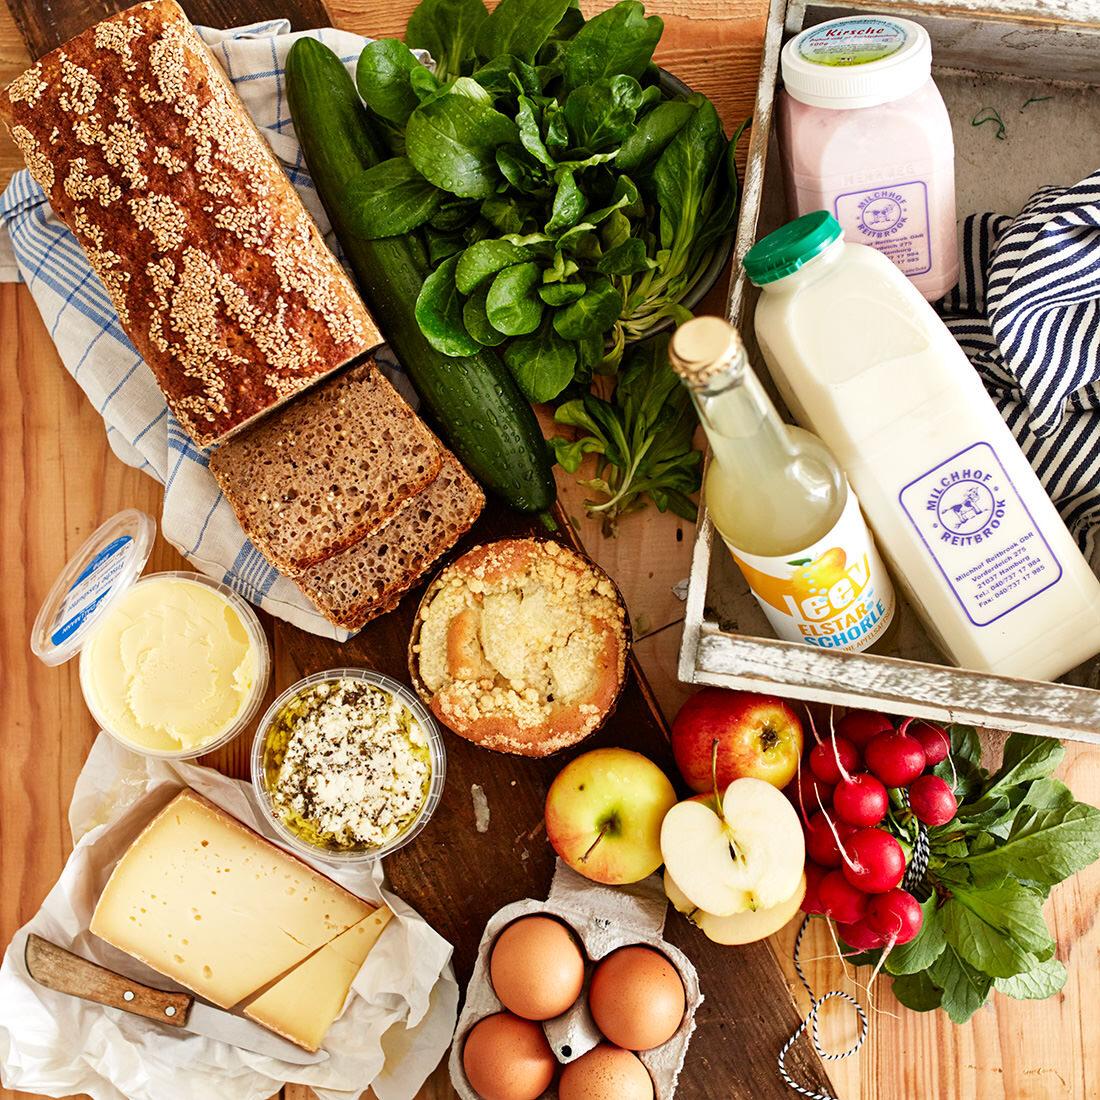 🎉 Vom Bauernhof in deine Küche: Wir verlosen einen 45 € Gutschein für Frischepost.